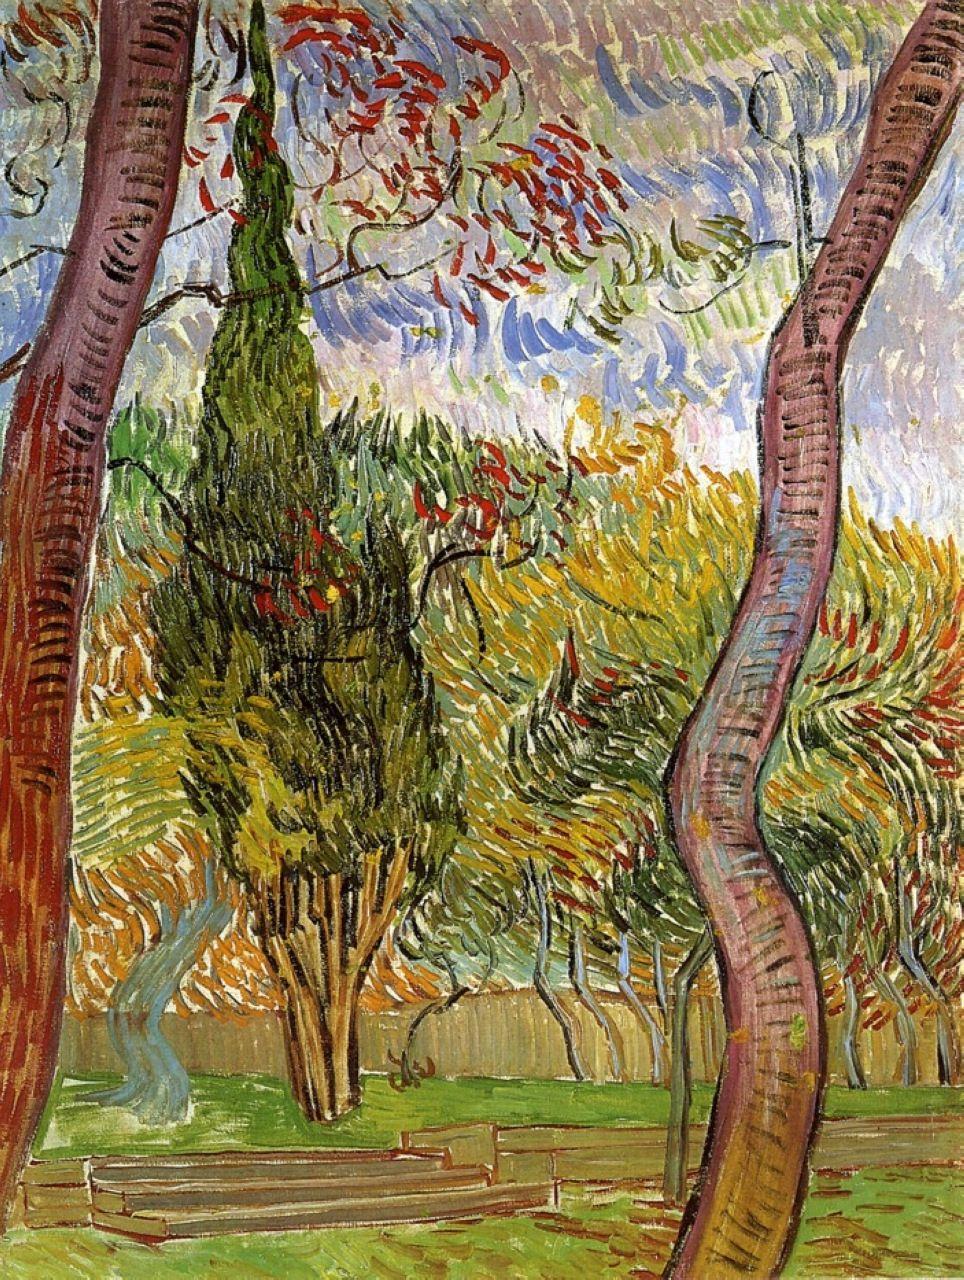 The Garden of Saint-Paul Hospital - Vincent van Gogh - 1889 - Place of Creation: Saint-Rémy, Provence, France